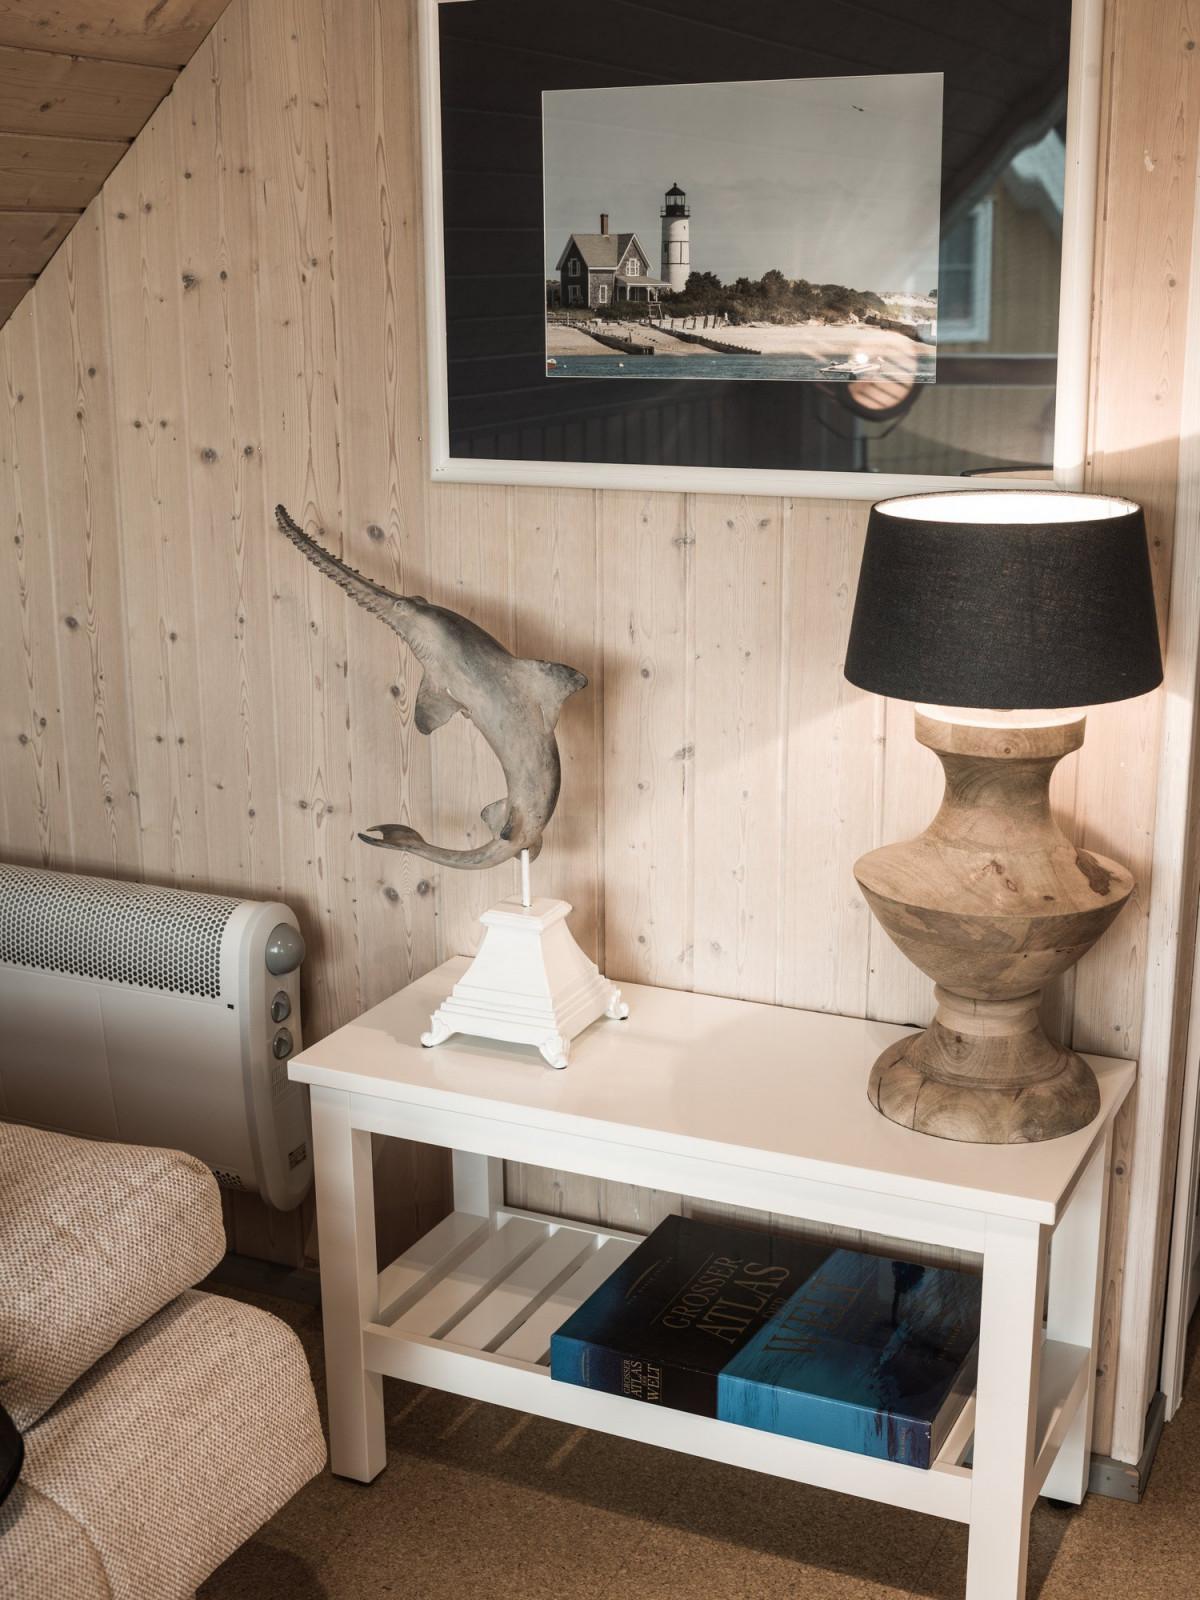 Wohneinrichtung Landhausstil  Einfach Besonders von Wohneinrichtung Ideen Wohnzimmer Bild